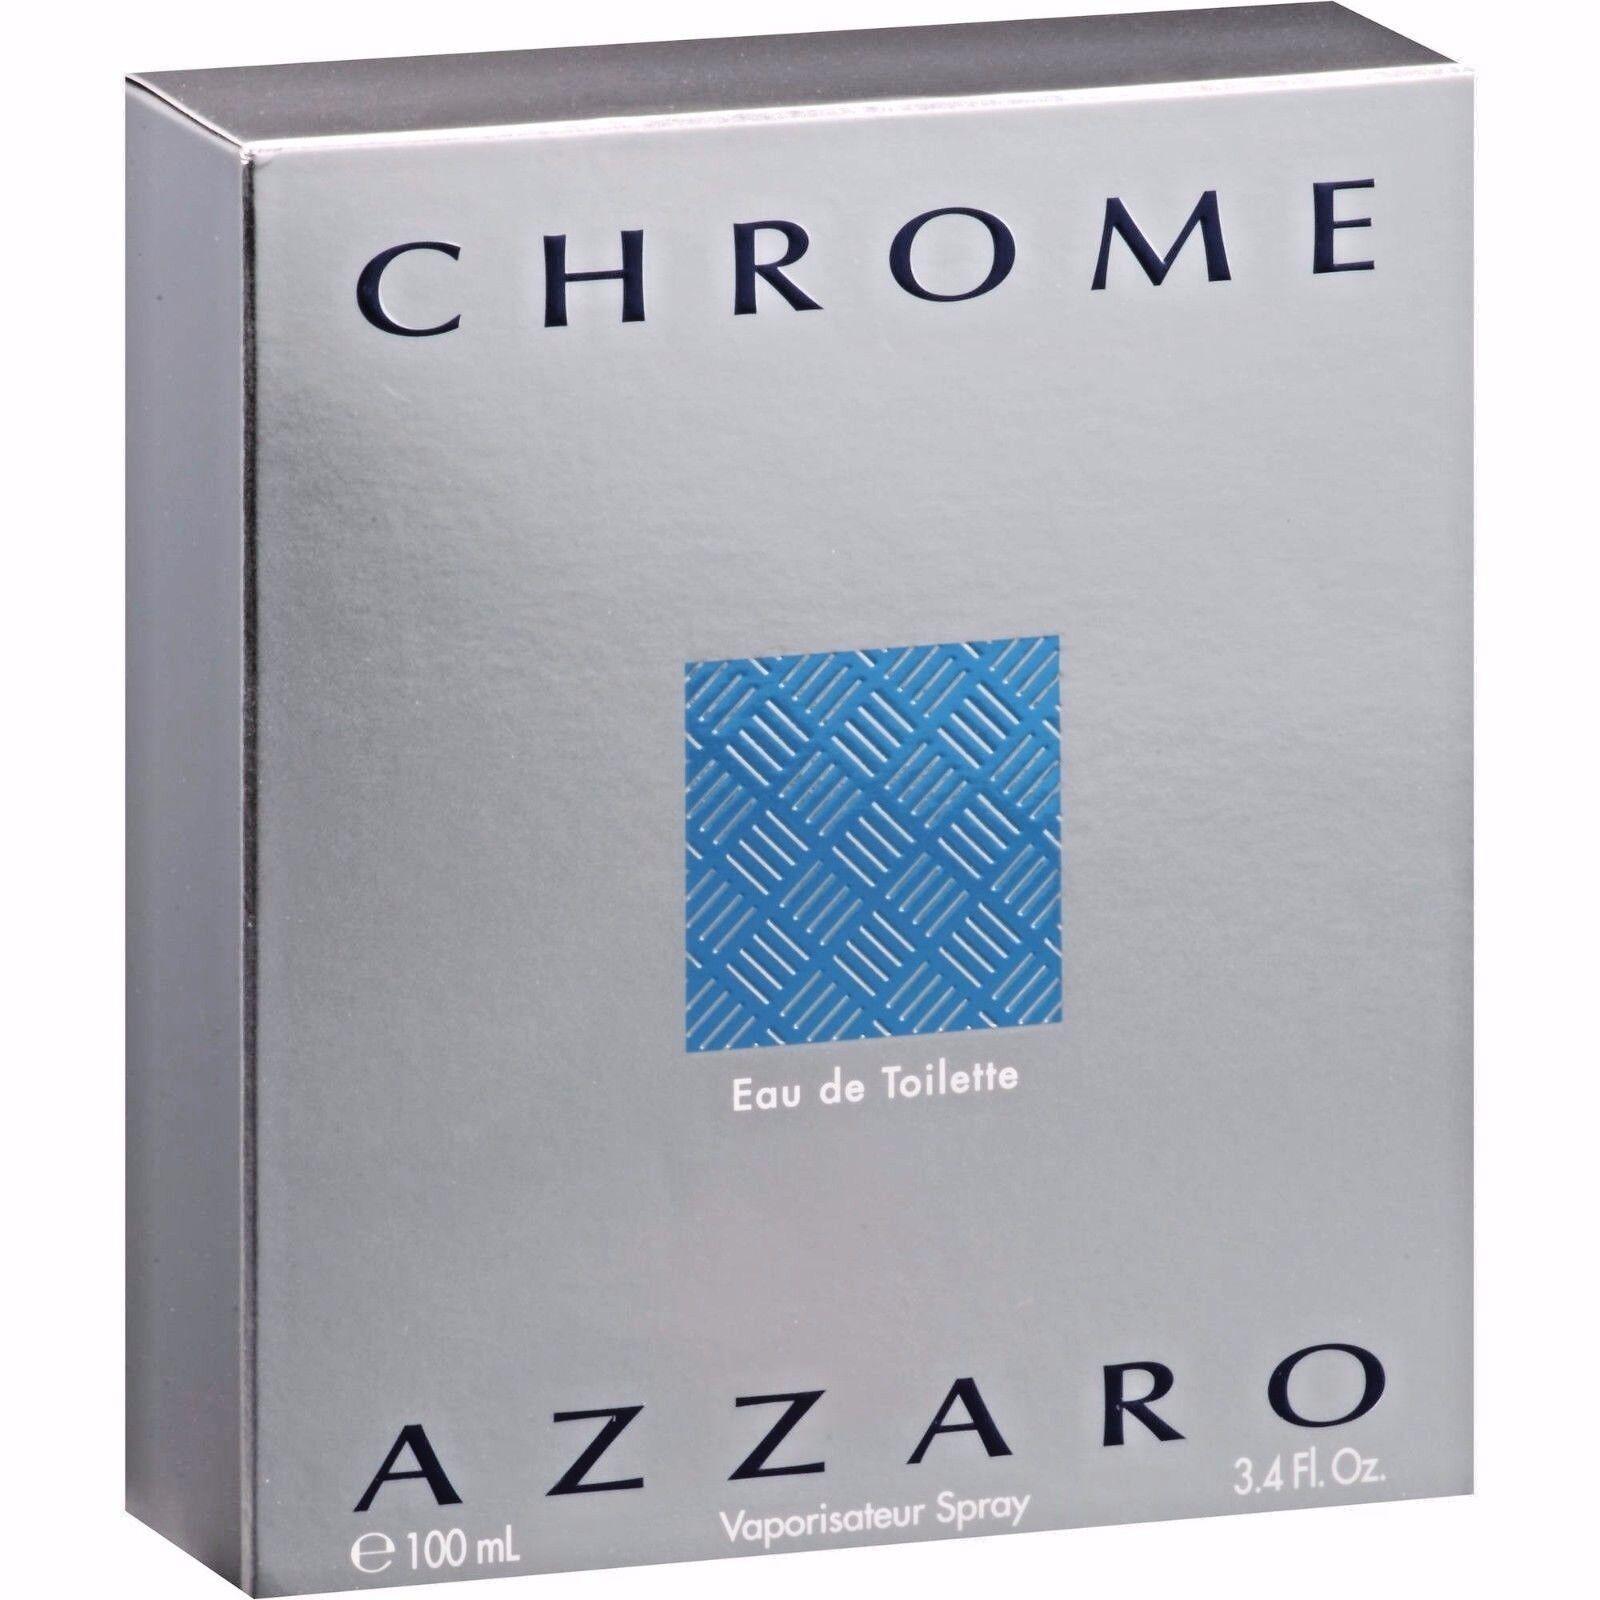 Azzaro CHROME by Azzaro Perfume for Men 3.3 oz / 3.4 oz 100 ml SEALED COLOGNE